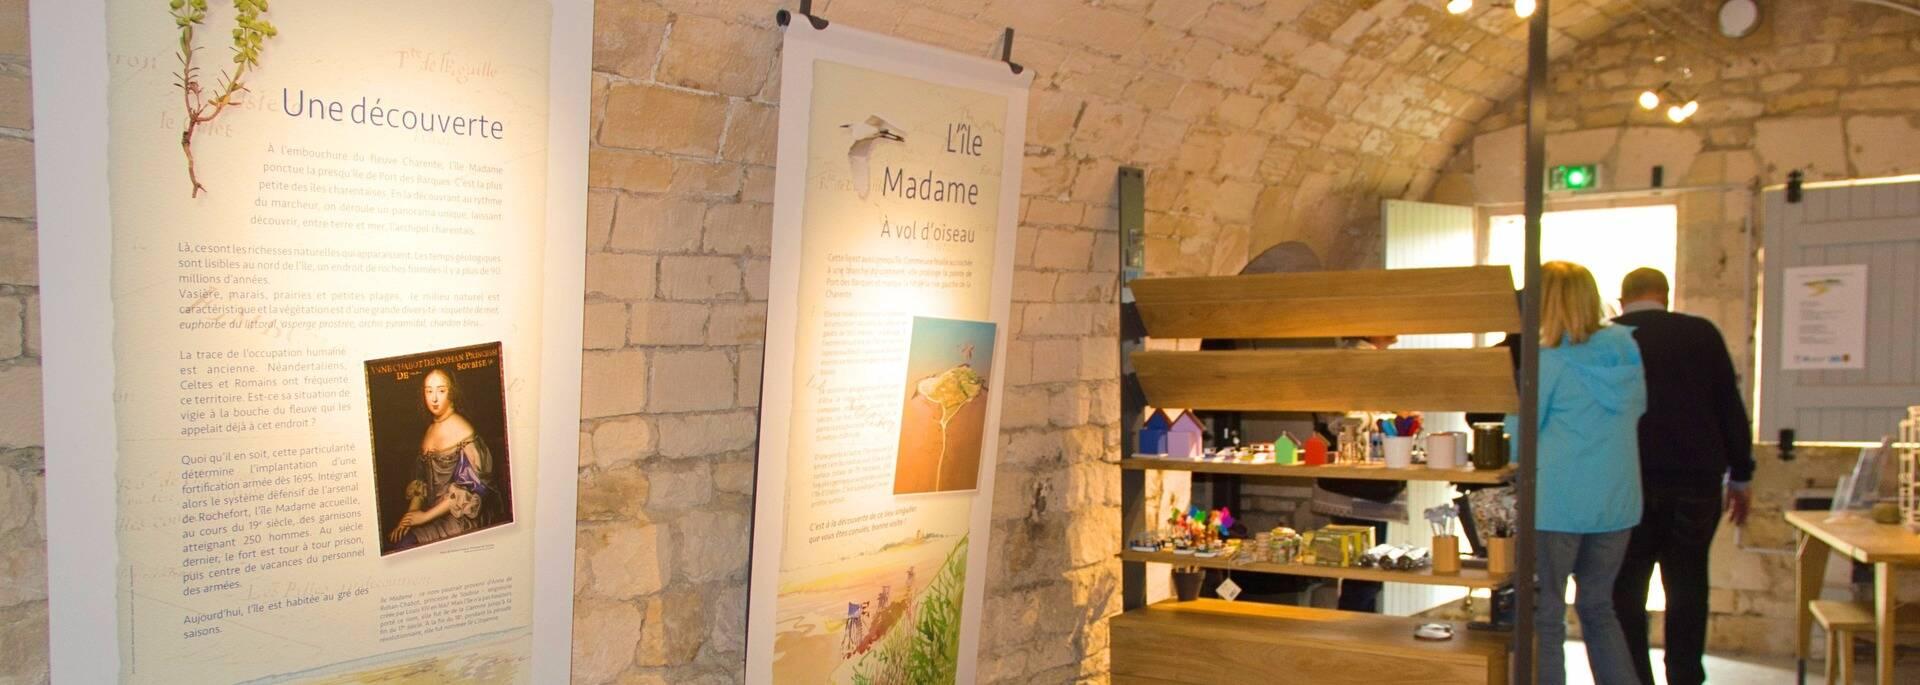 Visitez les casemates qui abritent des expositions dédiées à la faune, la flore et l'histoire de l'île Madame - © Office de tourisme Rochefort Océan